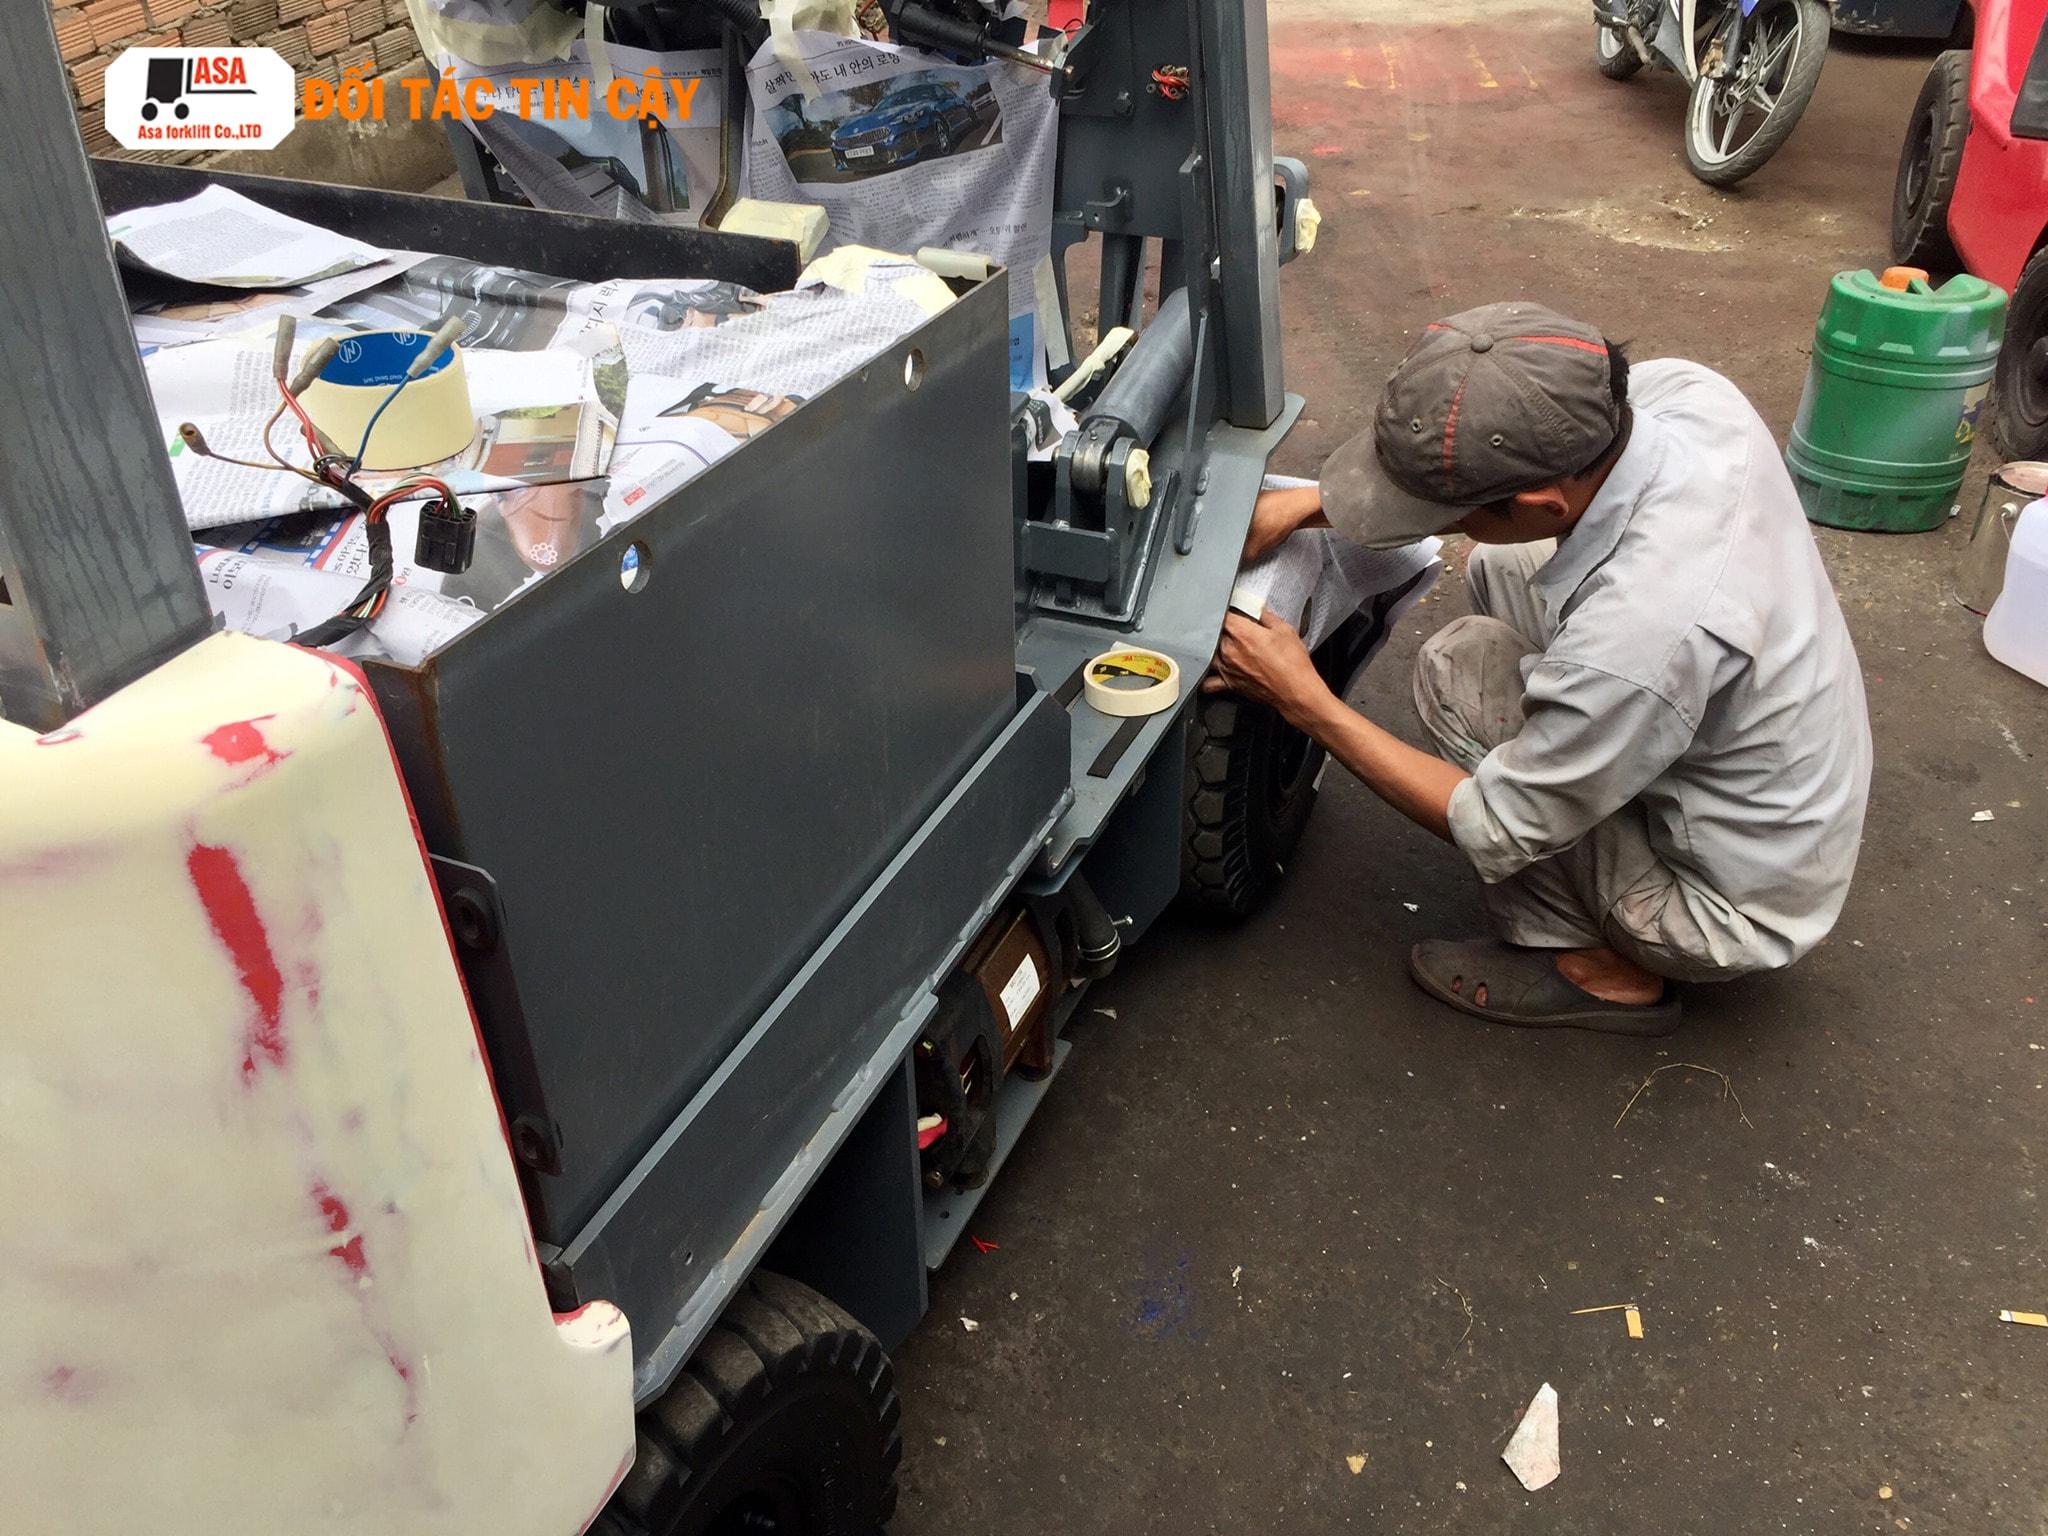 Những hư hỏng của xe nâng hàng sẽ đươc Asa khắc phục nhanh chóng